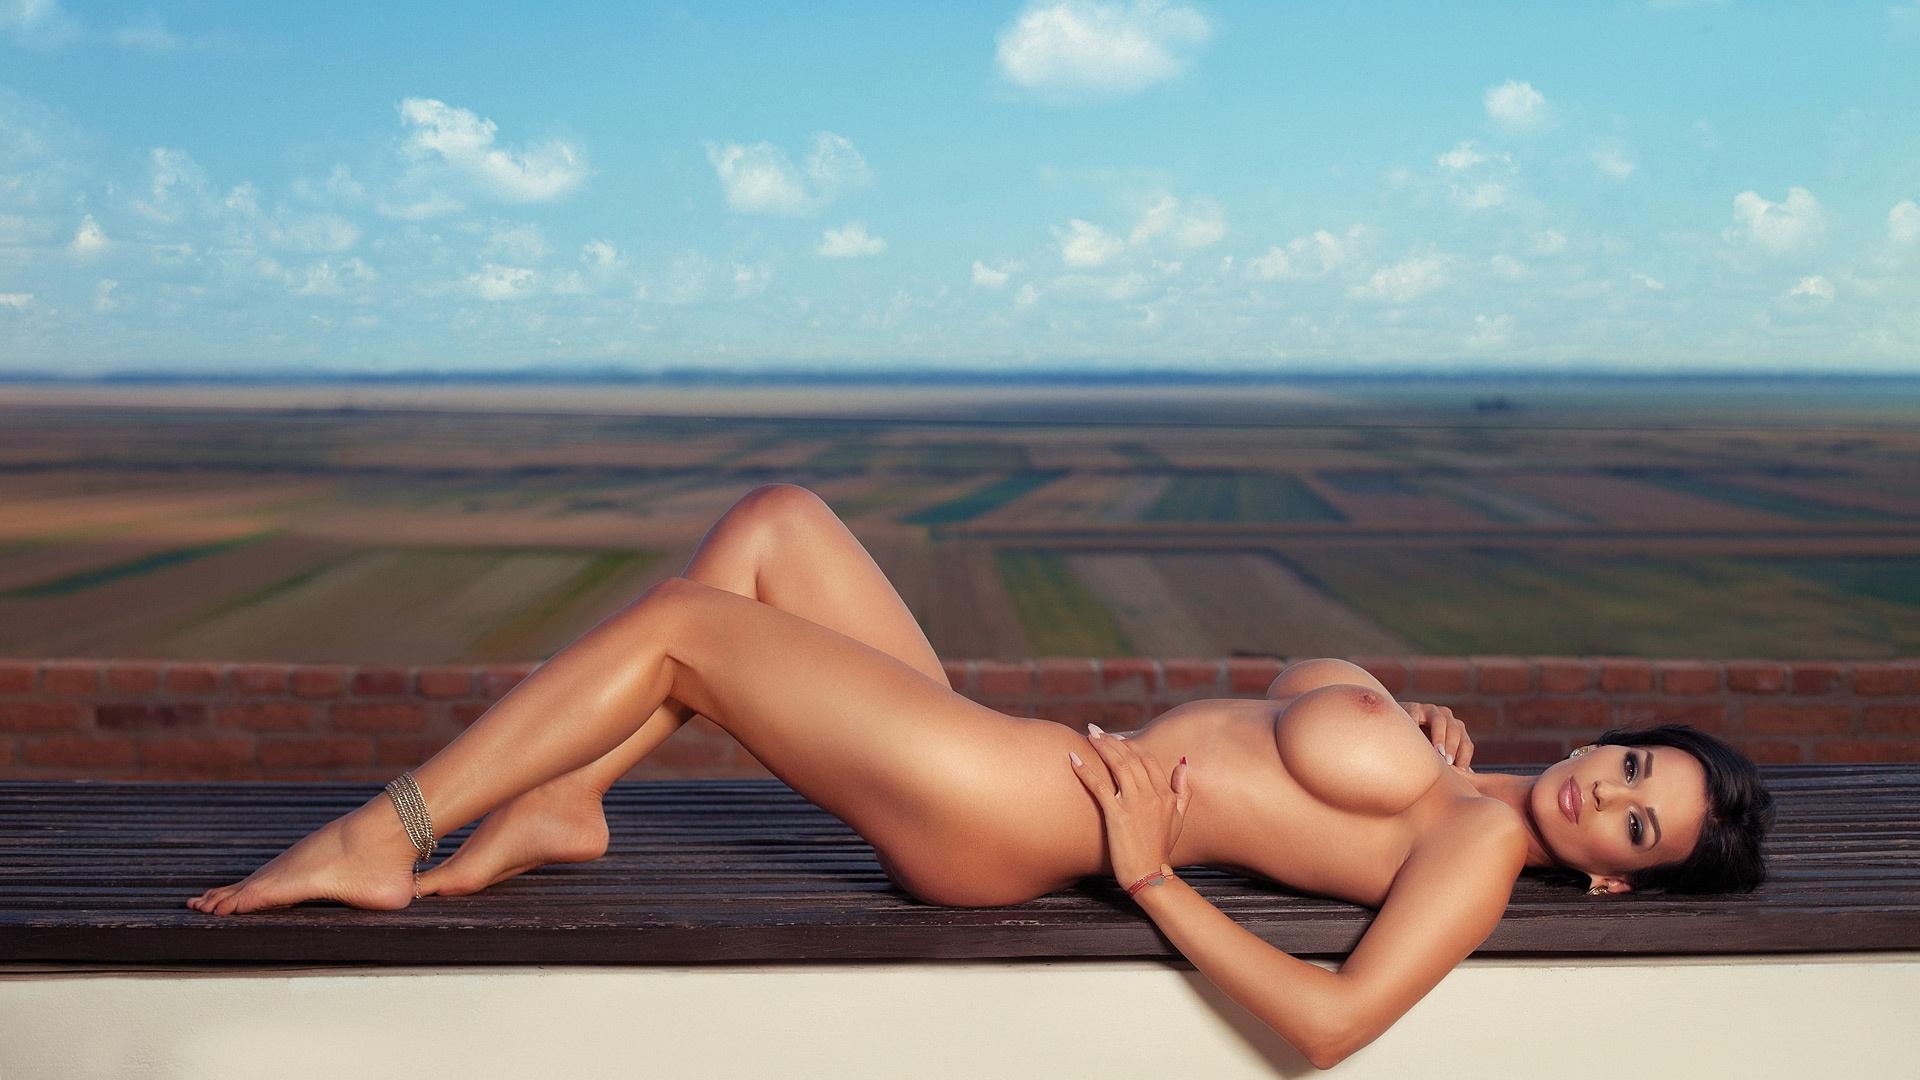 Naked Saree Women Images